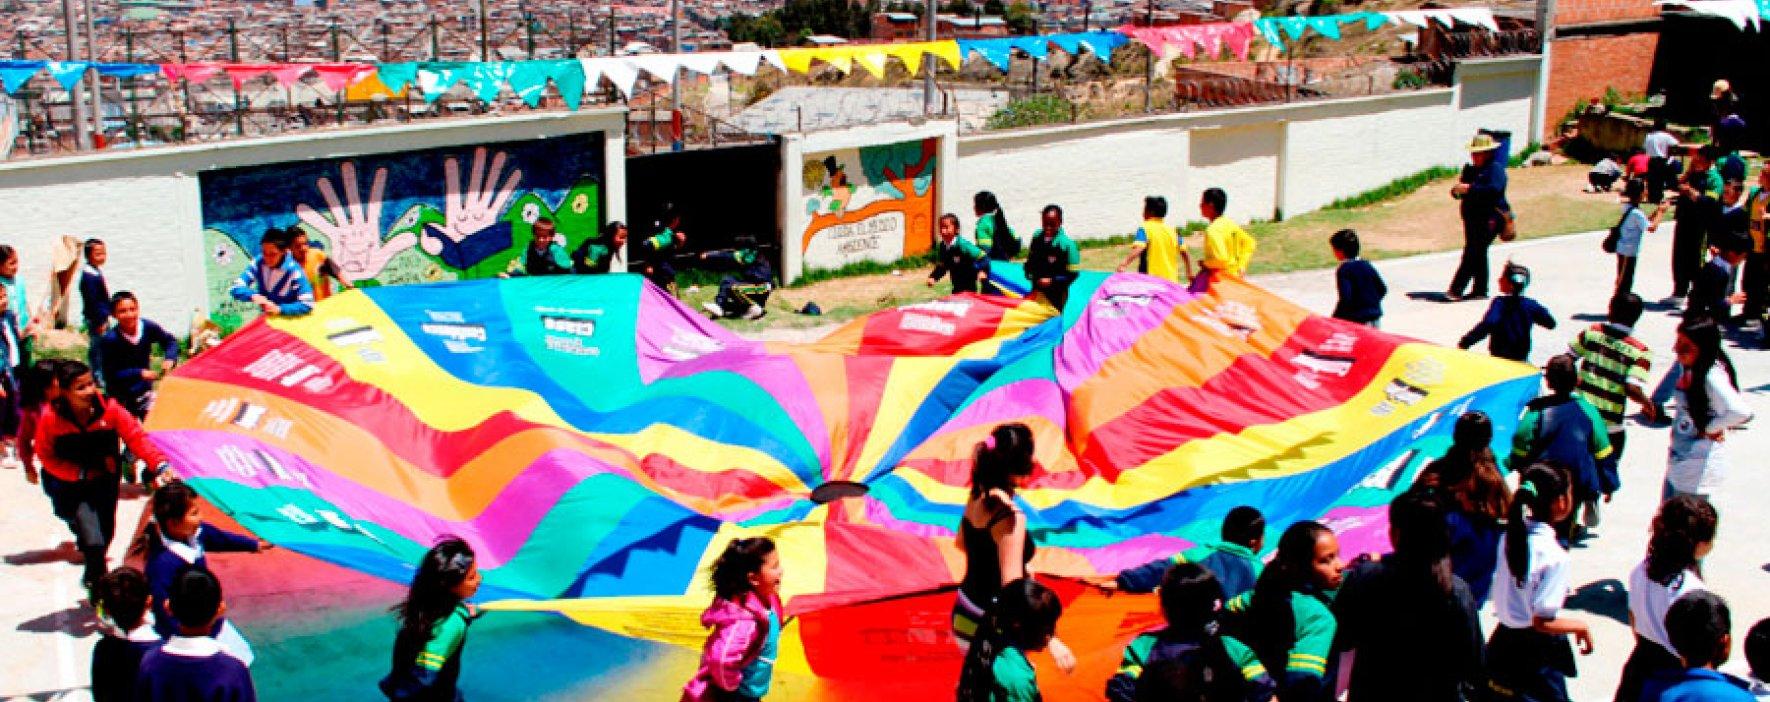 Compartir Jugando: tiempo libre de calidad para la paz y la calidad de vida